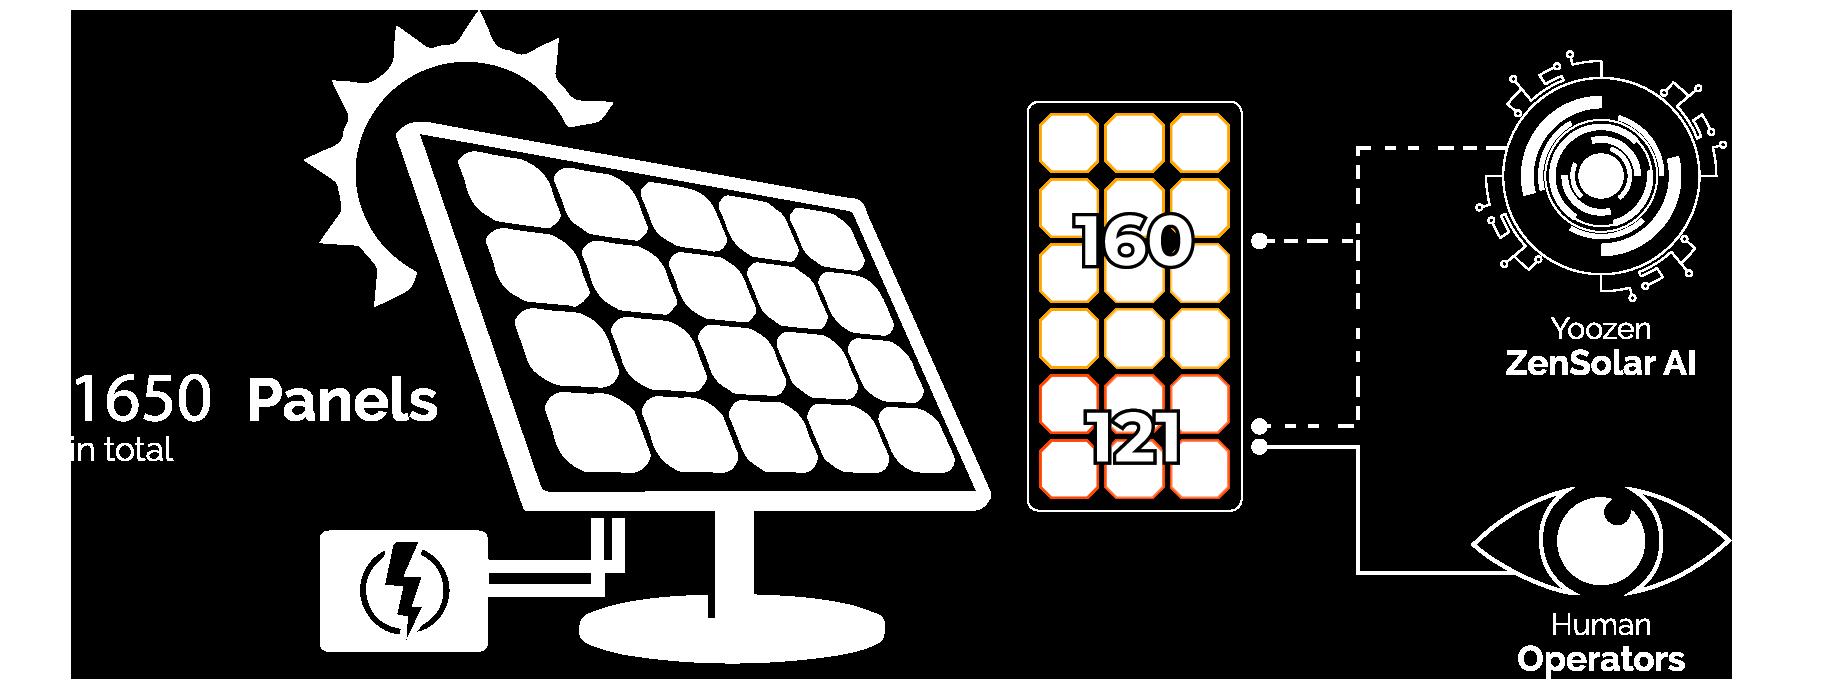 pro-img1